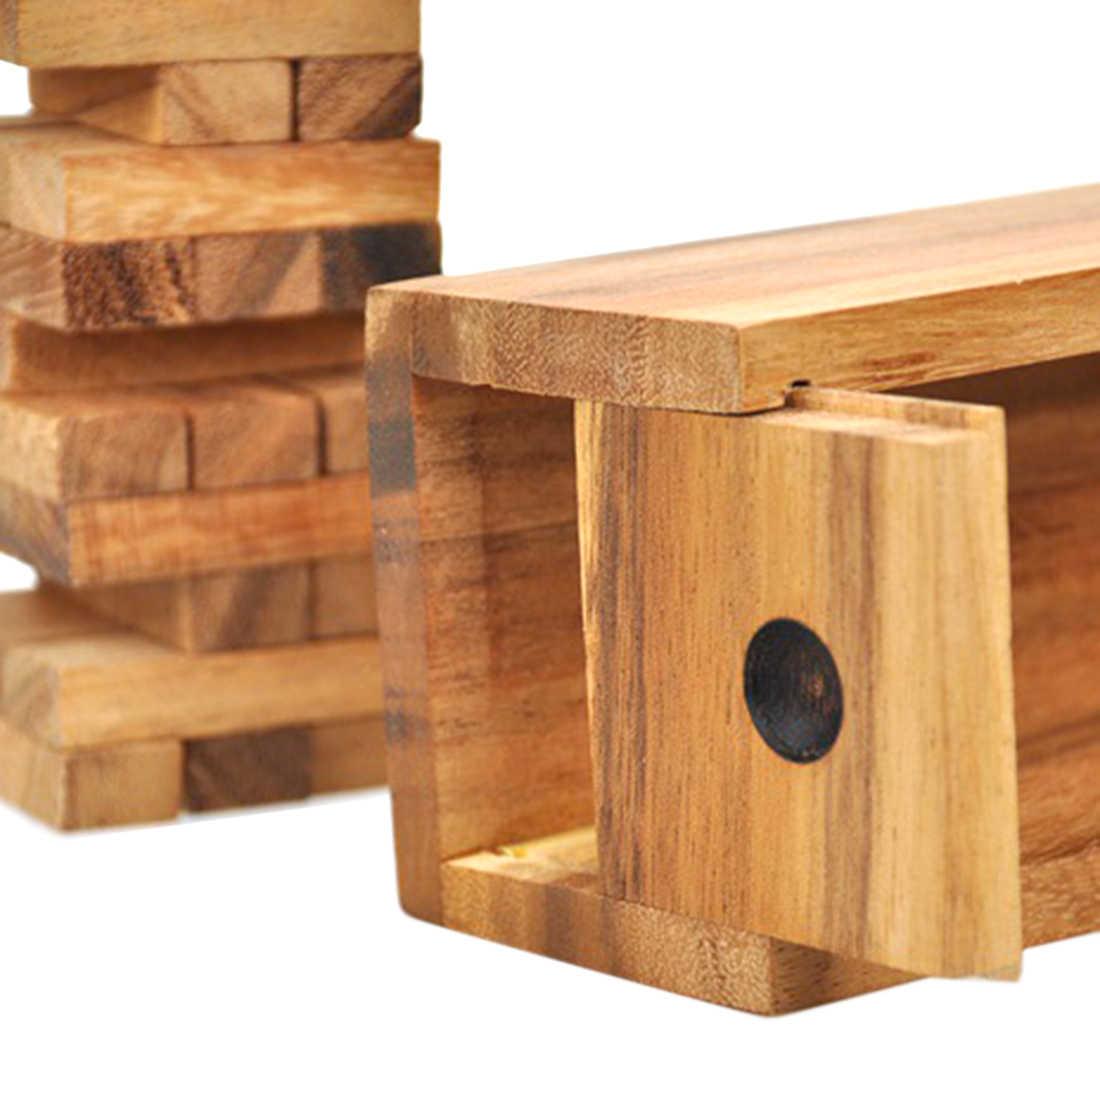 Zabawki dla dzieci drewniane ułożone warstwy klocki do budowy prezent wieża blok stos zabawki do gier na impreza dla dorosłych Bar zestawy rozrywkowe